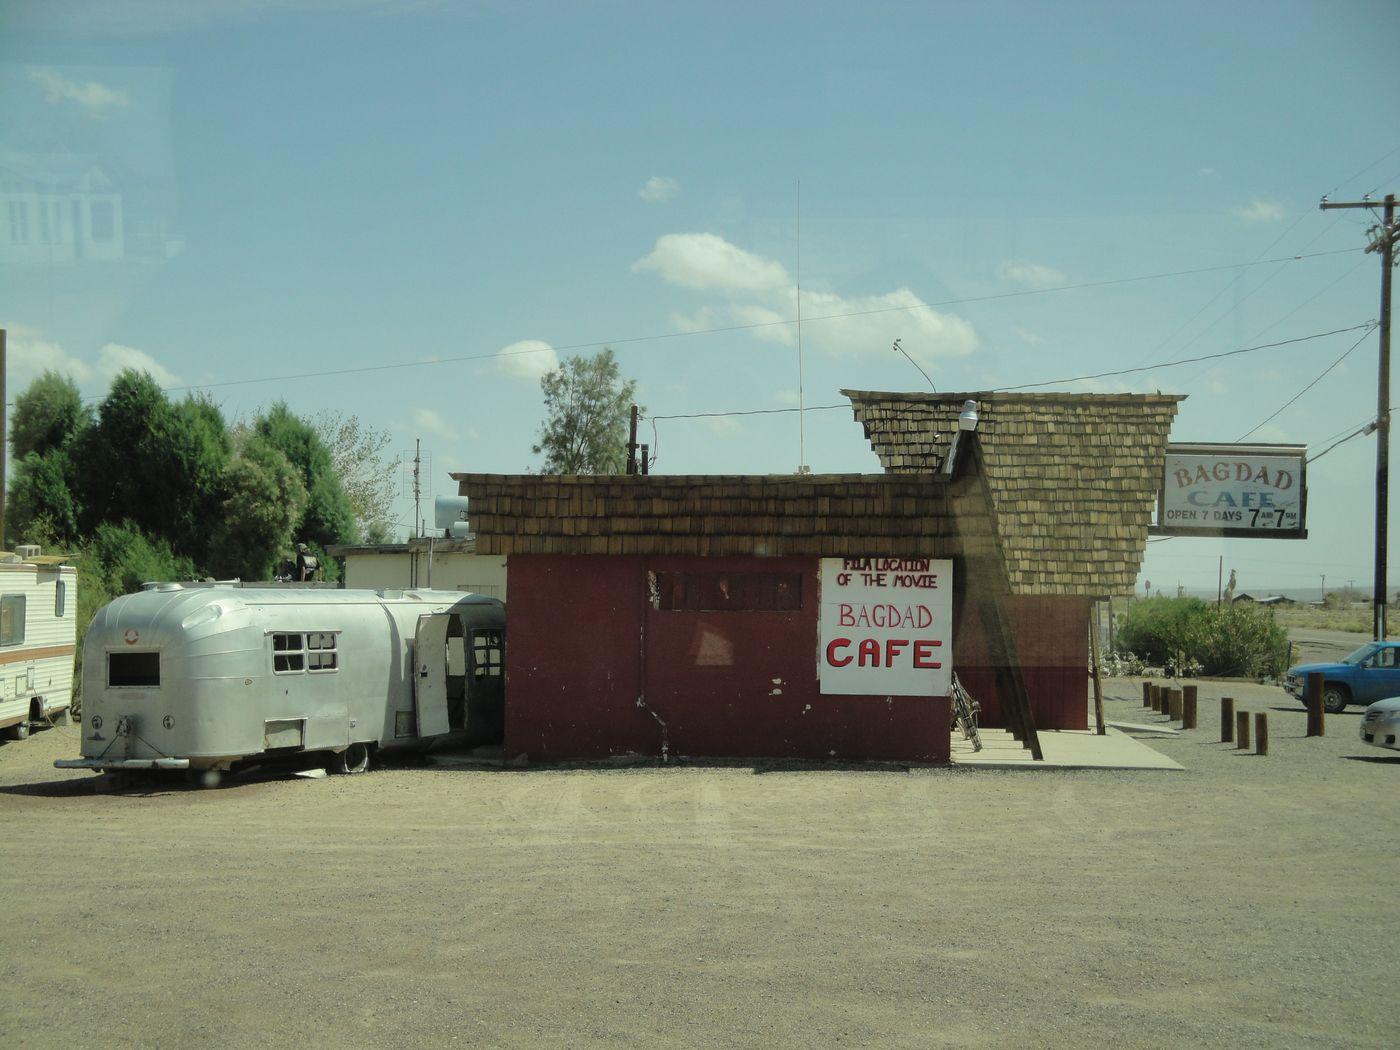 Sur la route, le célèbre Bagdad Café